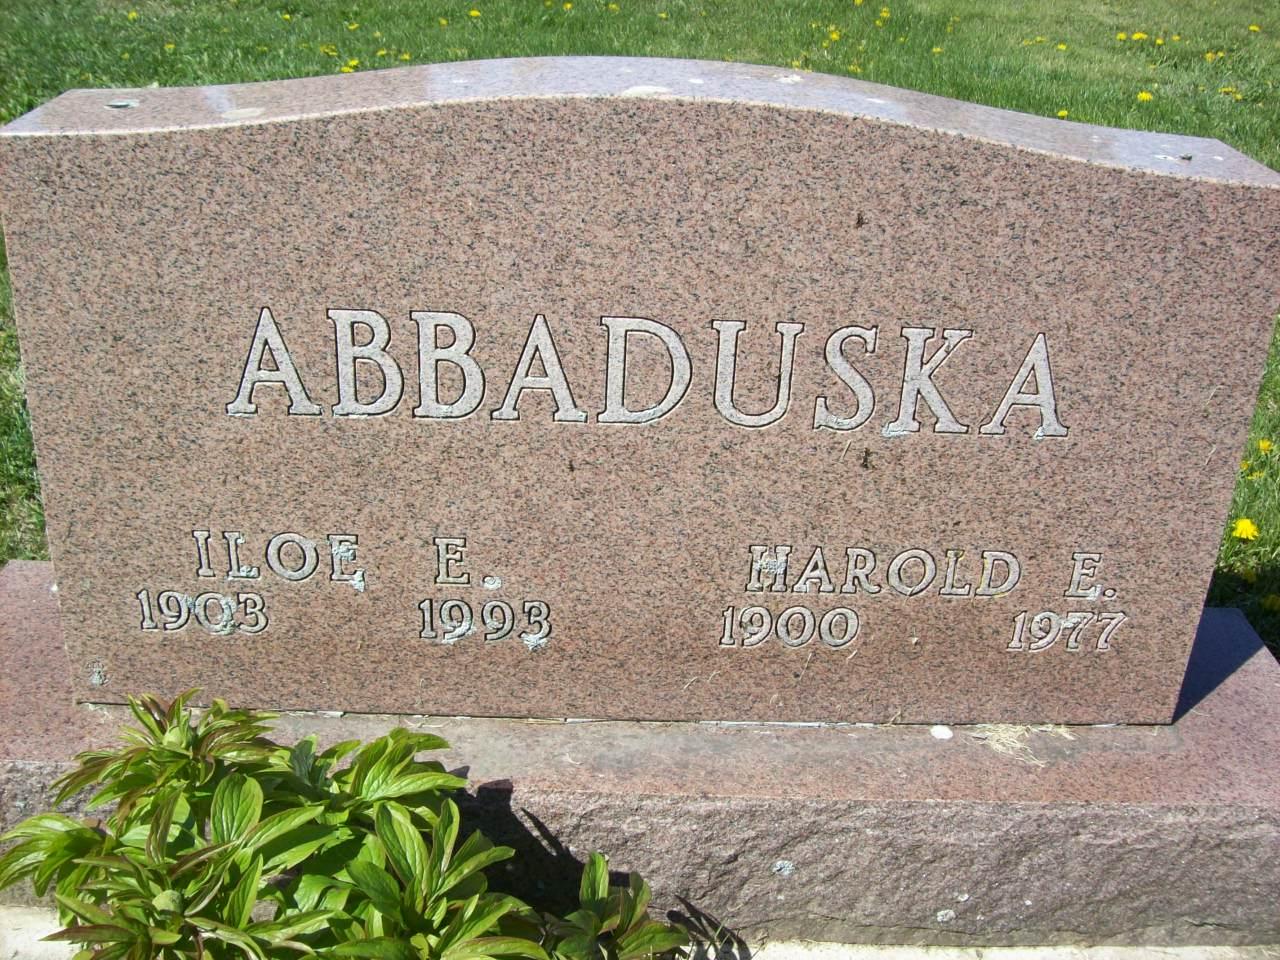 Harold E Abbaduska